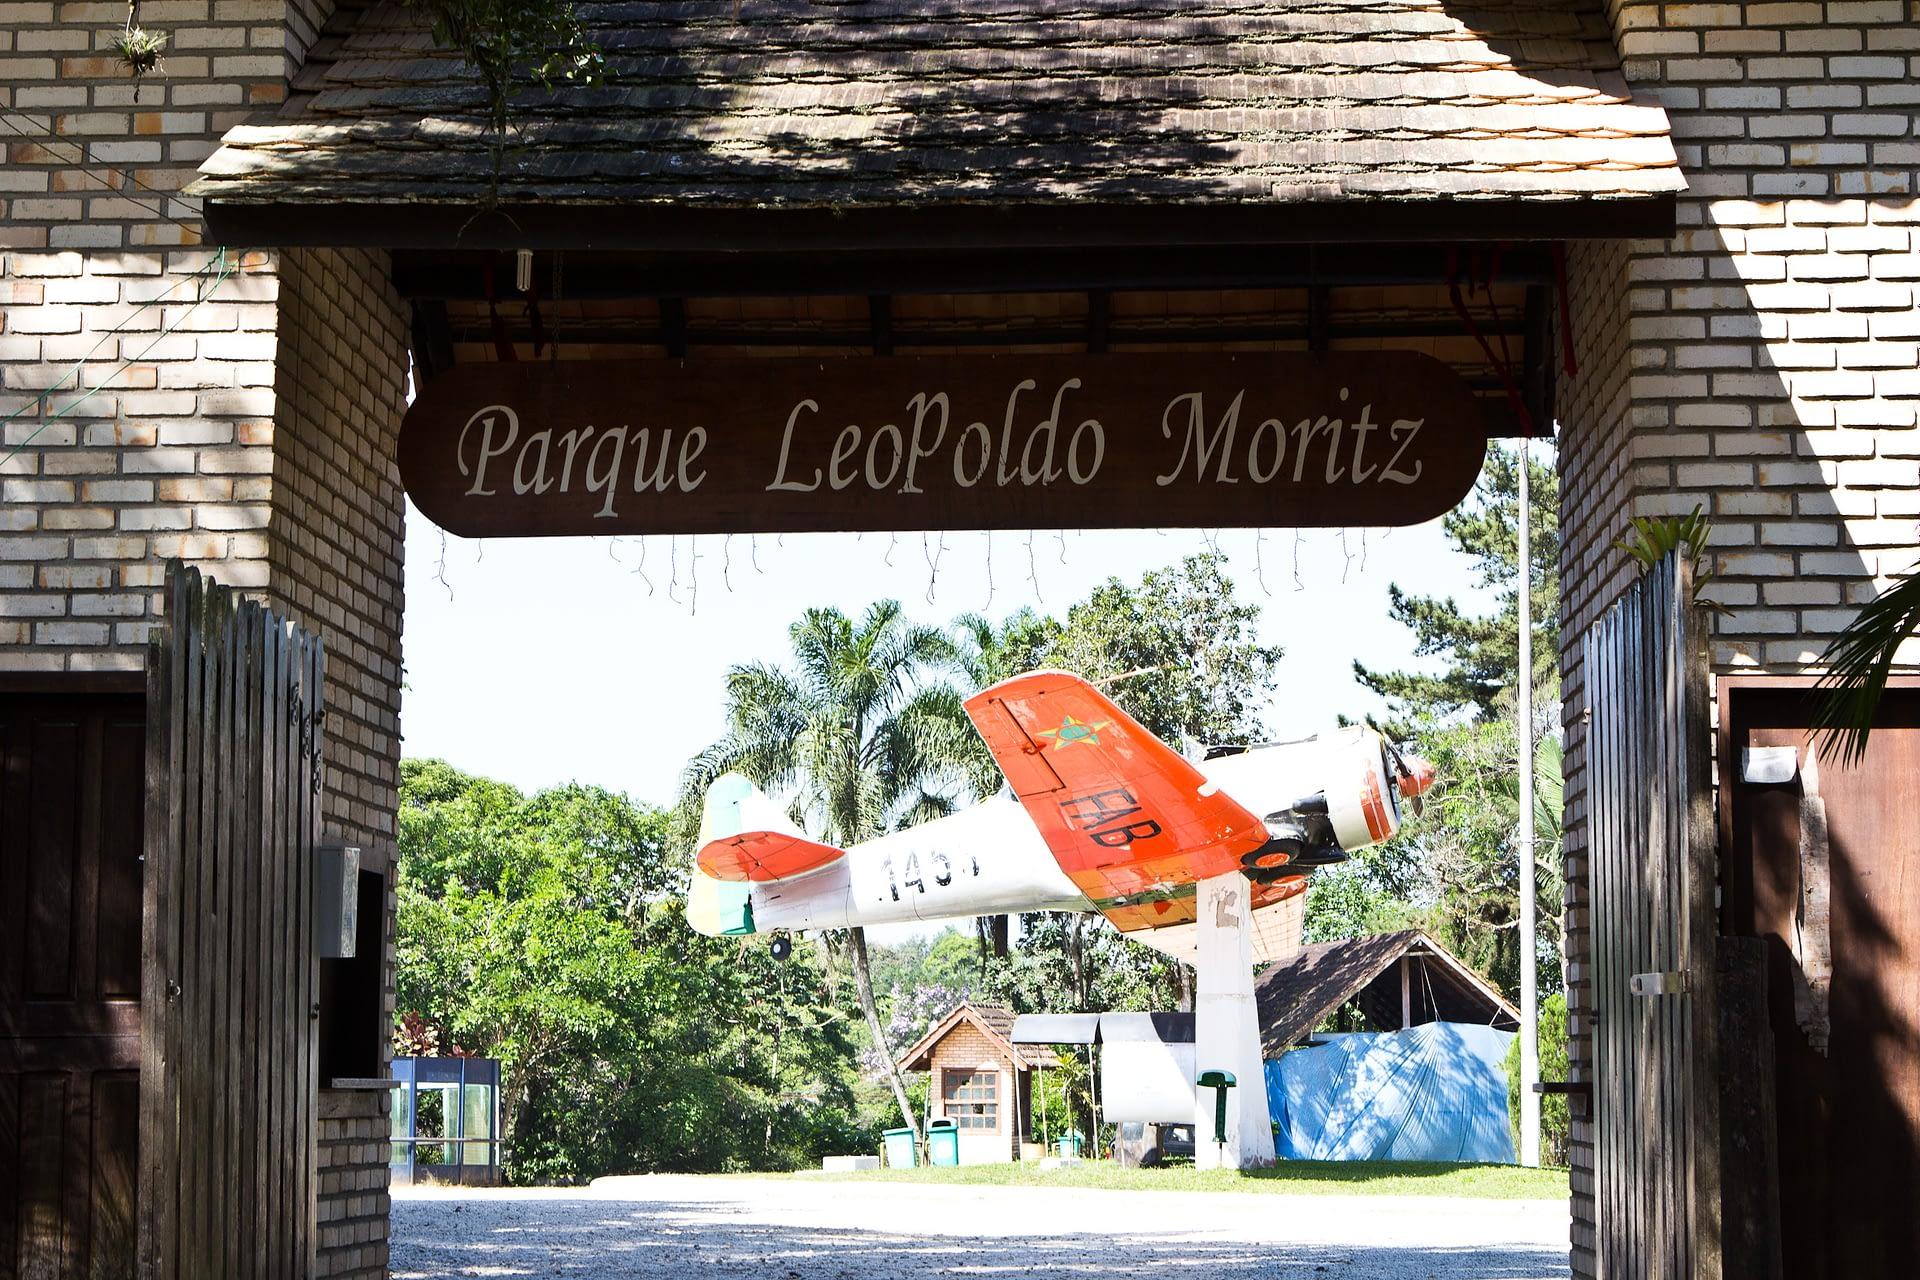 Parque Leopoldo Moritz - Caixa D'água